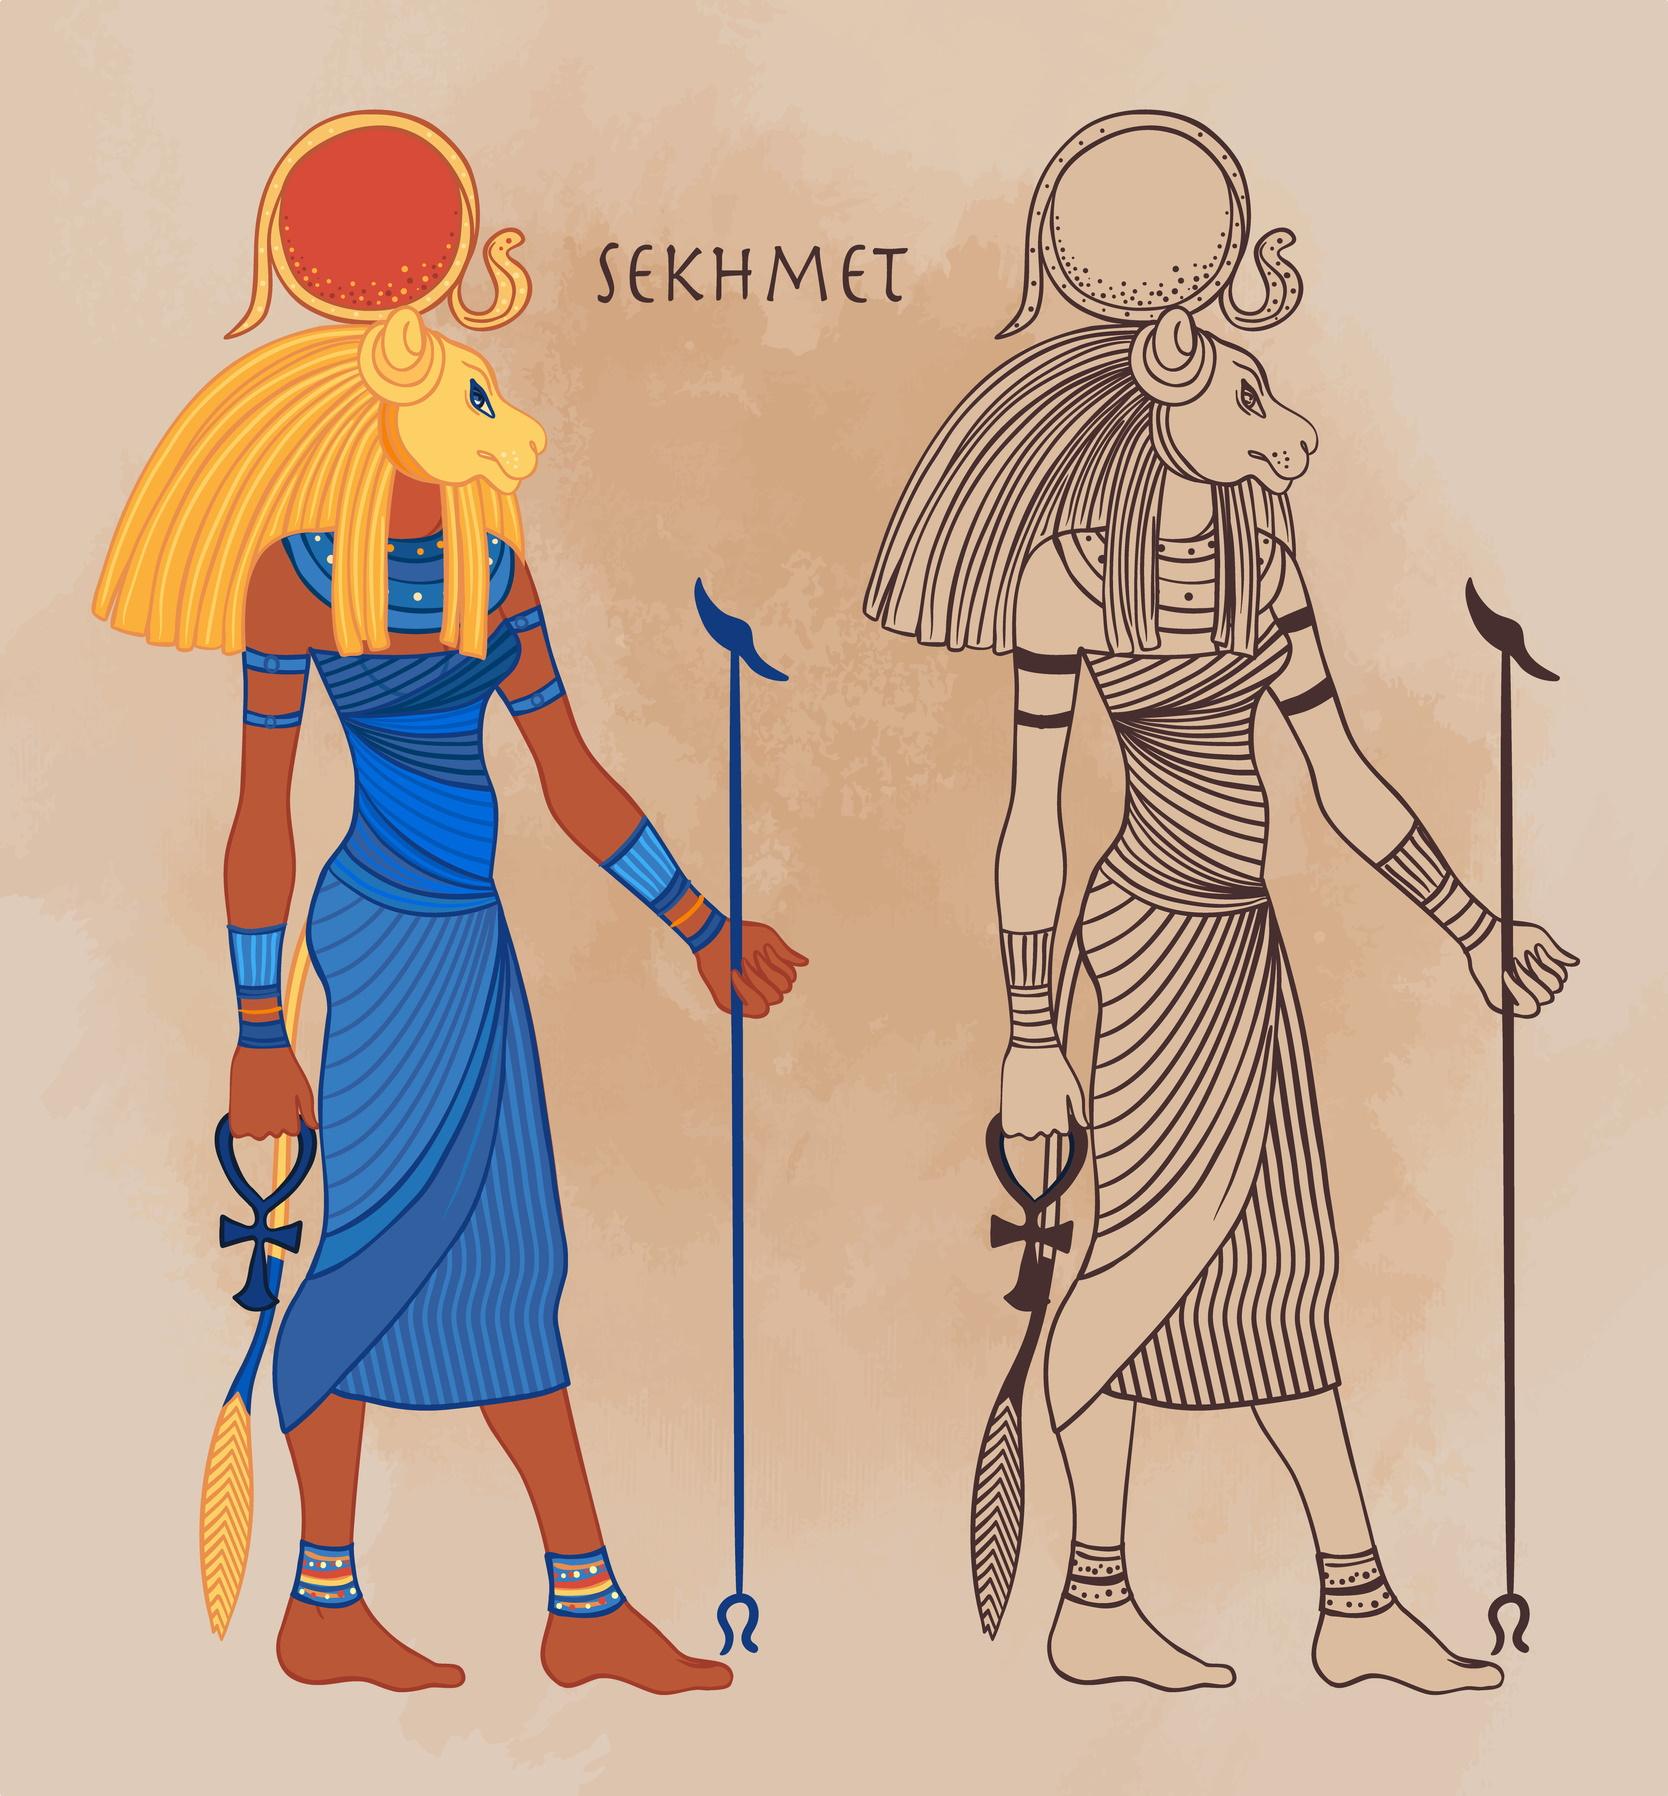 <p><strong>Сехмет &ndash; богиня на войната, разрушението, споровете и изцелението &ndash; Водолей</strong></p>  <p>Родените под знака на Сехмет обикновено са весели и приказливи хора, те също са честни и чувствителни характери. Неприятните им черти са нетърпеливост и фактът, че лесно се обиждат.</p>